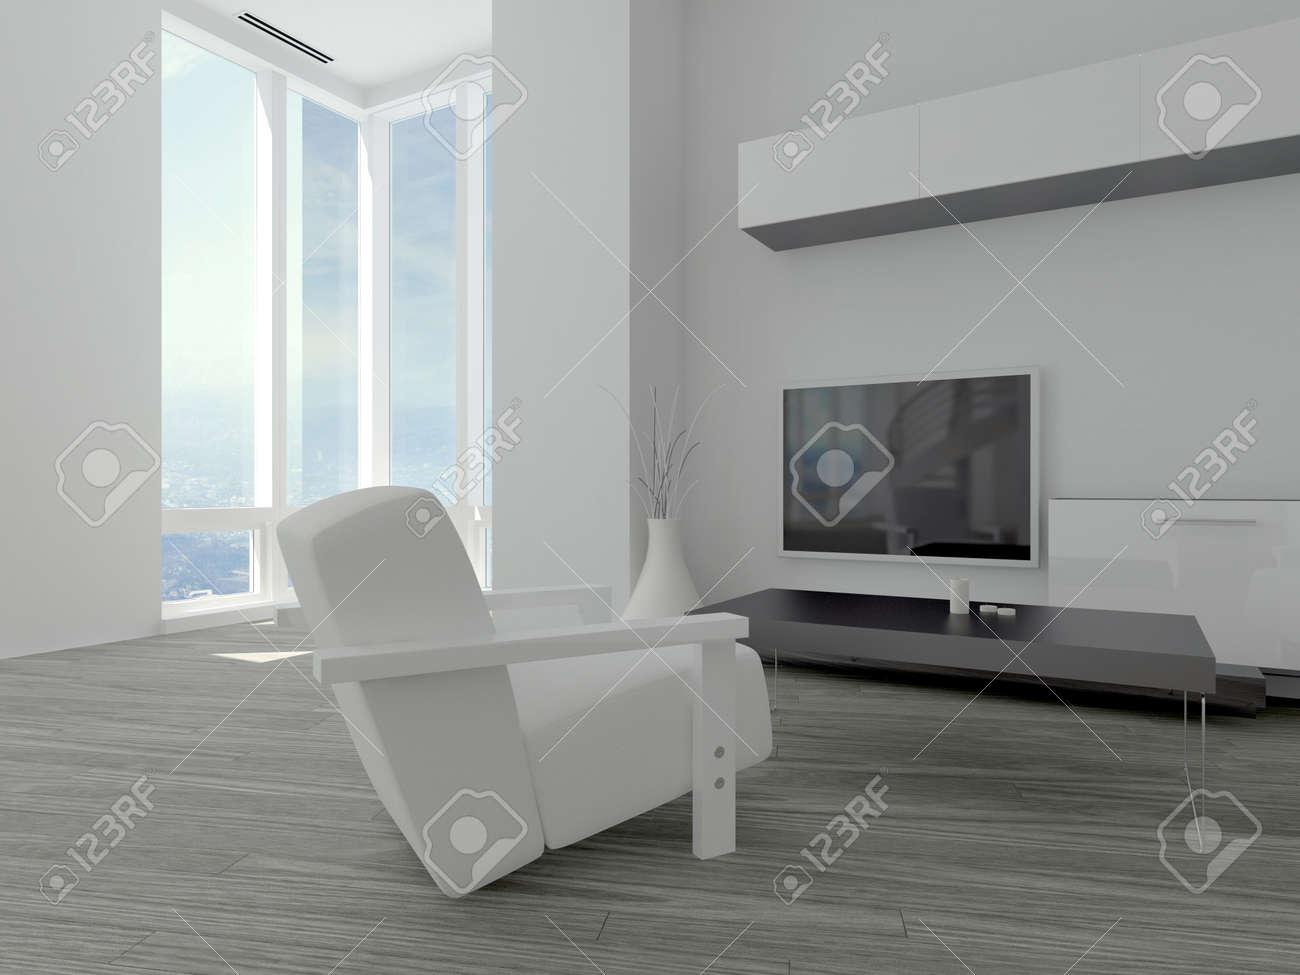 Moderne Minimalistische Wohnzimmer Mit Weißen Sessel Auf Einem Parkettboden  Vor Einer Wand Montiert Fernseher Und Bodenlange